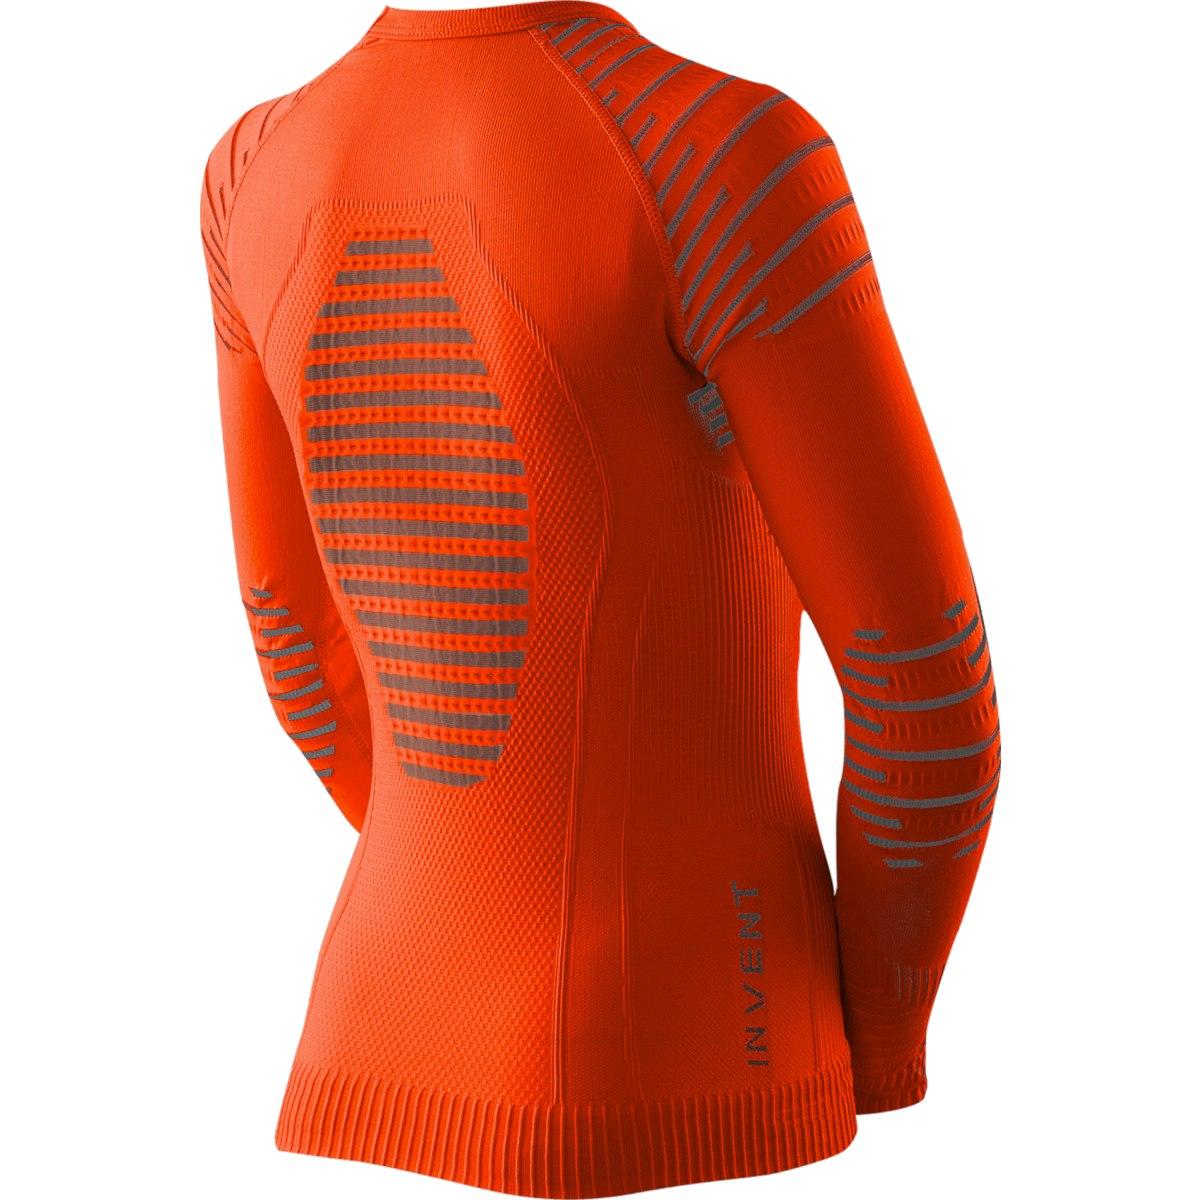 Bild von X-Bionic Invent 4.0 Shirt Round Neck Langarm-Unterhemd für Kinder - sunset orange/anthracite